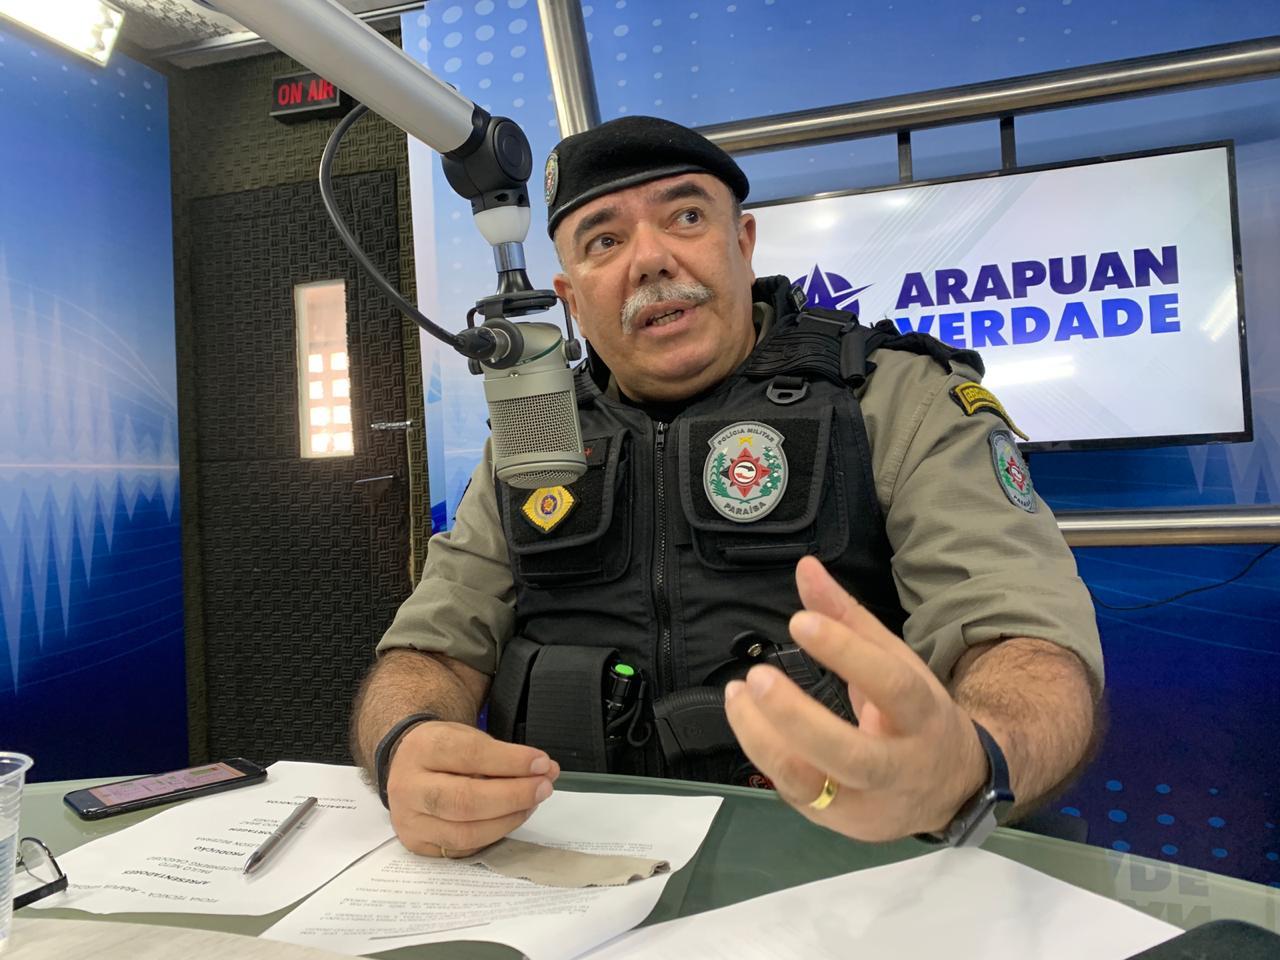 coronel eulller chaves - VEJA VÍDEO: Coronel Euller Chaves comenta decreto de Bolsonaro para flexibilizar posse de armas, 'Que vá além de apenas cumprir uma proposta de campanha'